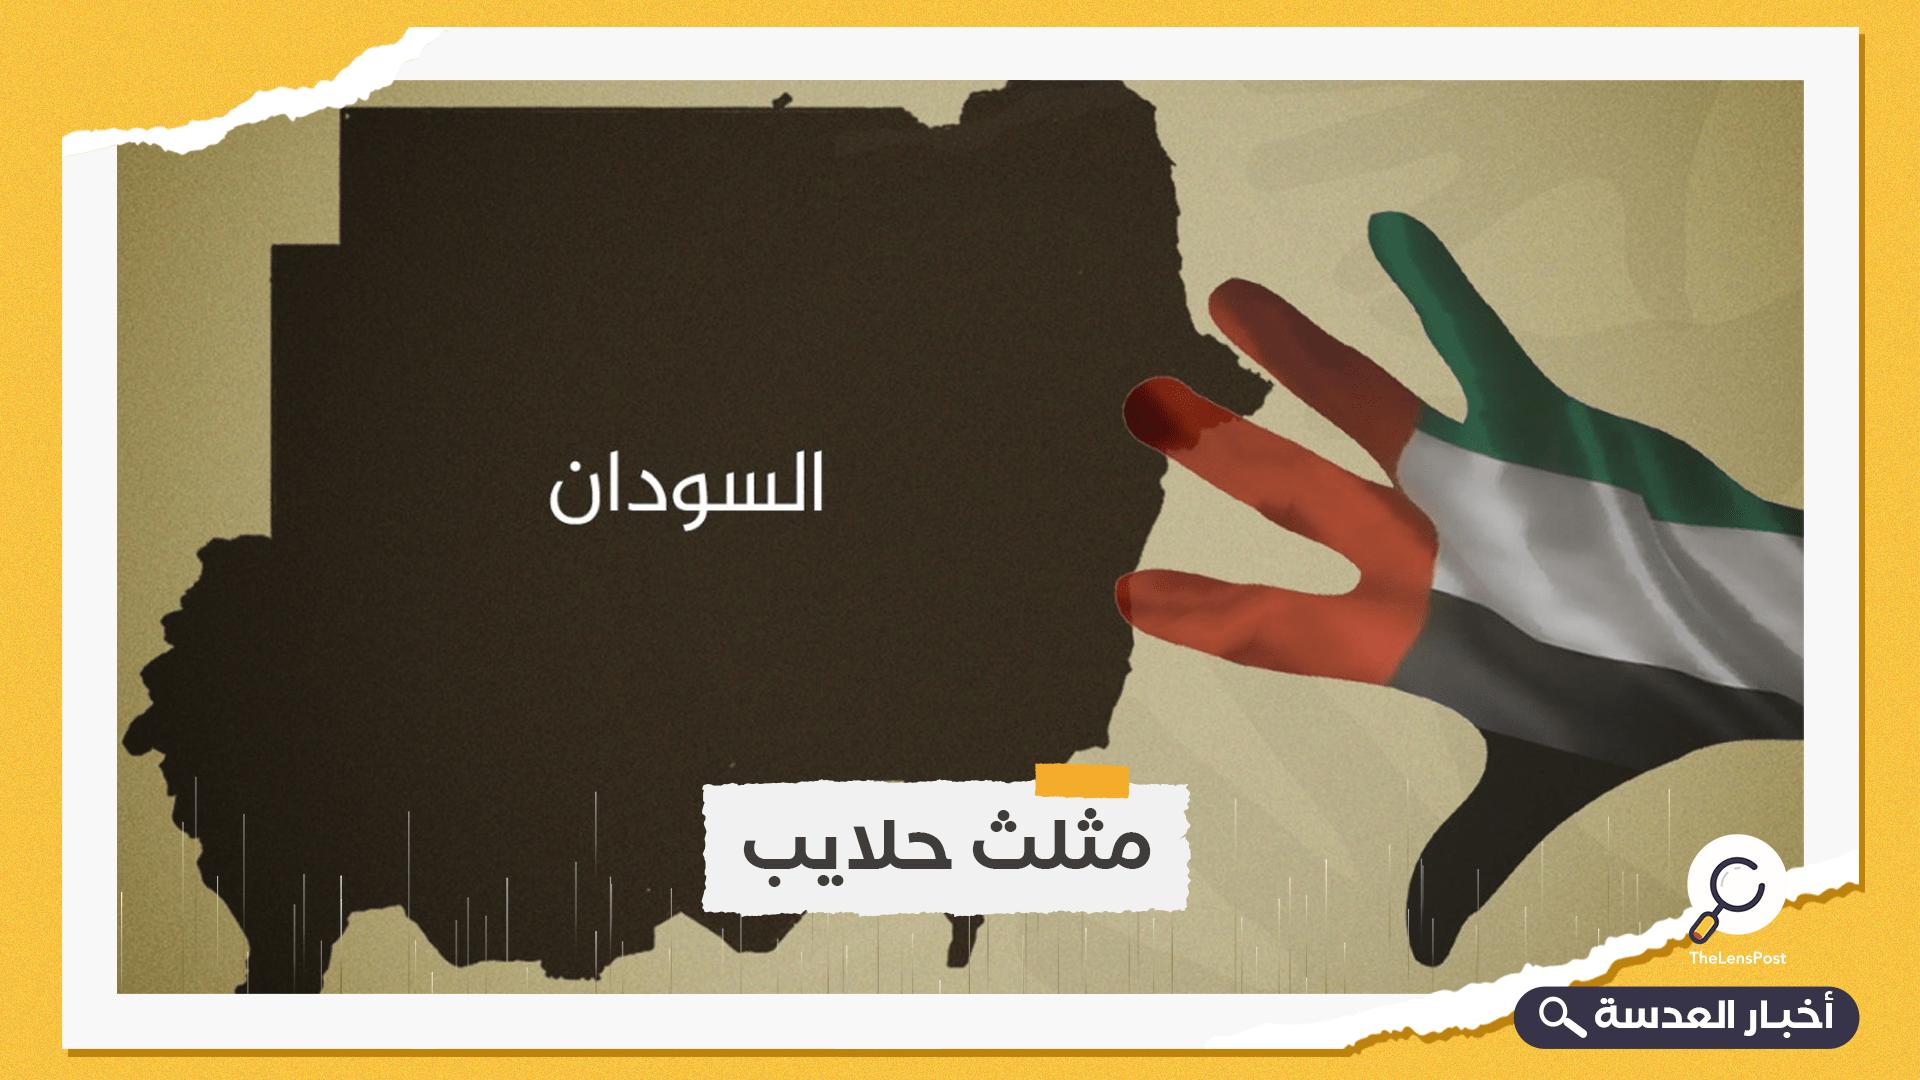 من جديد.. السودان يشكو مصر بسبب حلايب وشلاتين